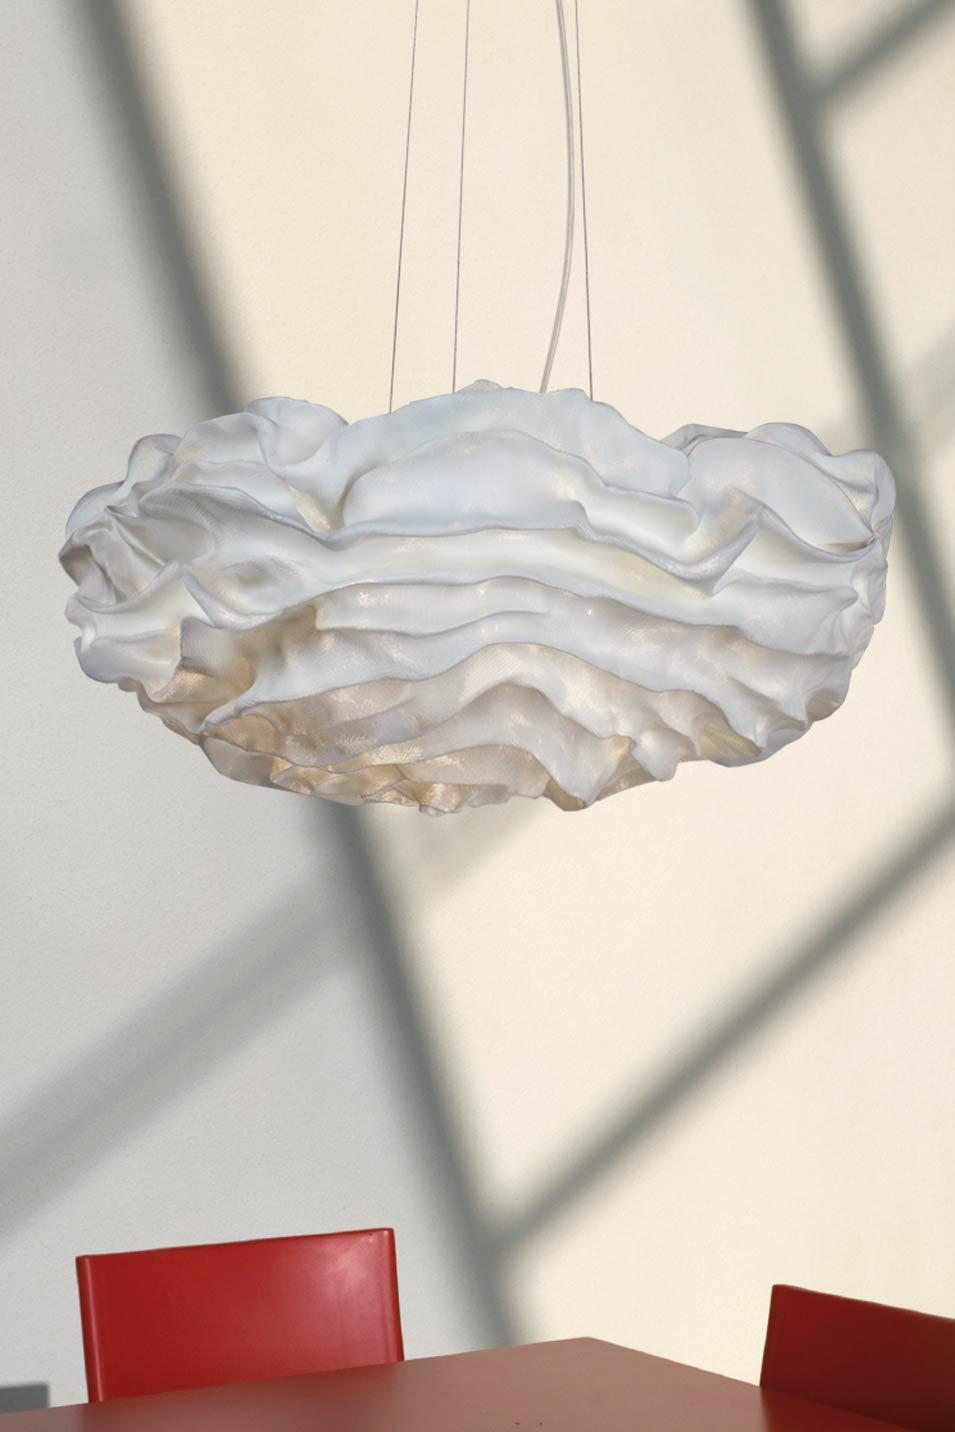 Suspension fleur de tissu pliss blanc nevo arturo for Suspension tissu